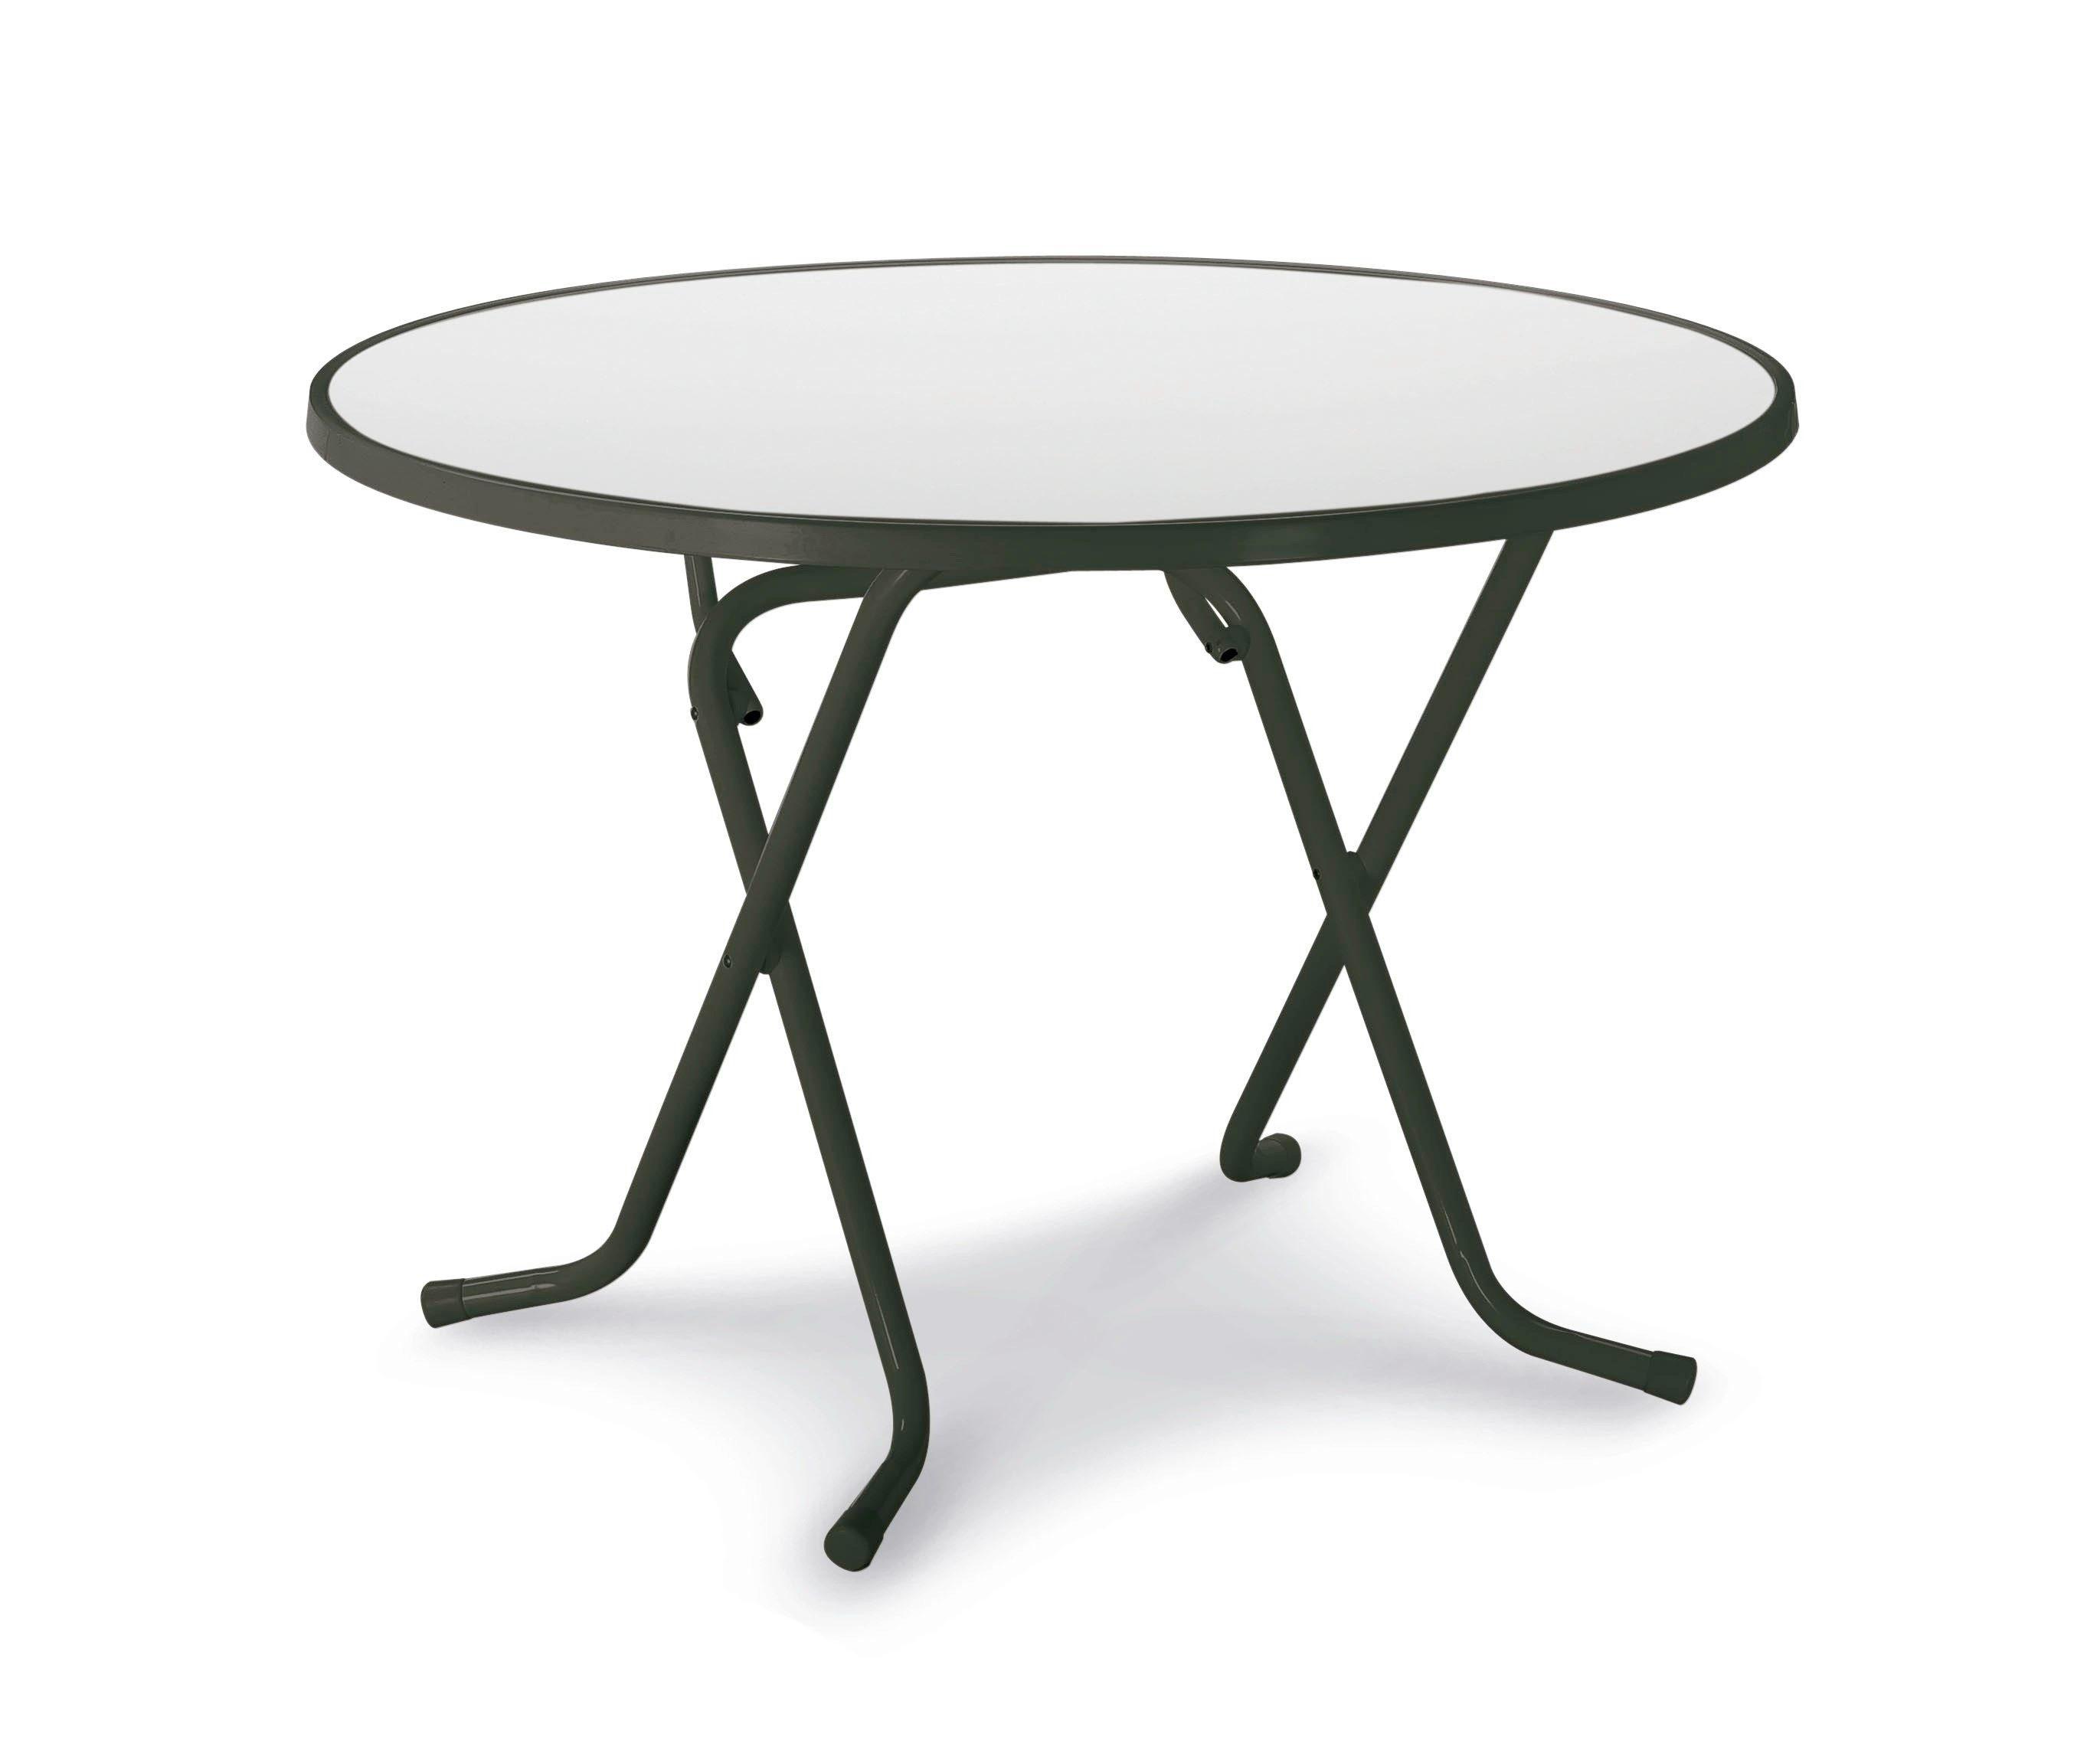 BEST Gartentisch »Primo«, Stahl/Kunststoff, klappbar, Ø 100 cm, anthrazit